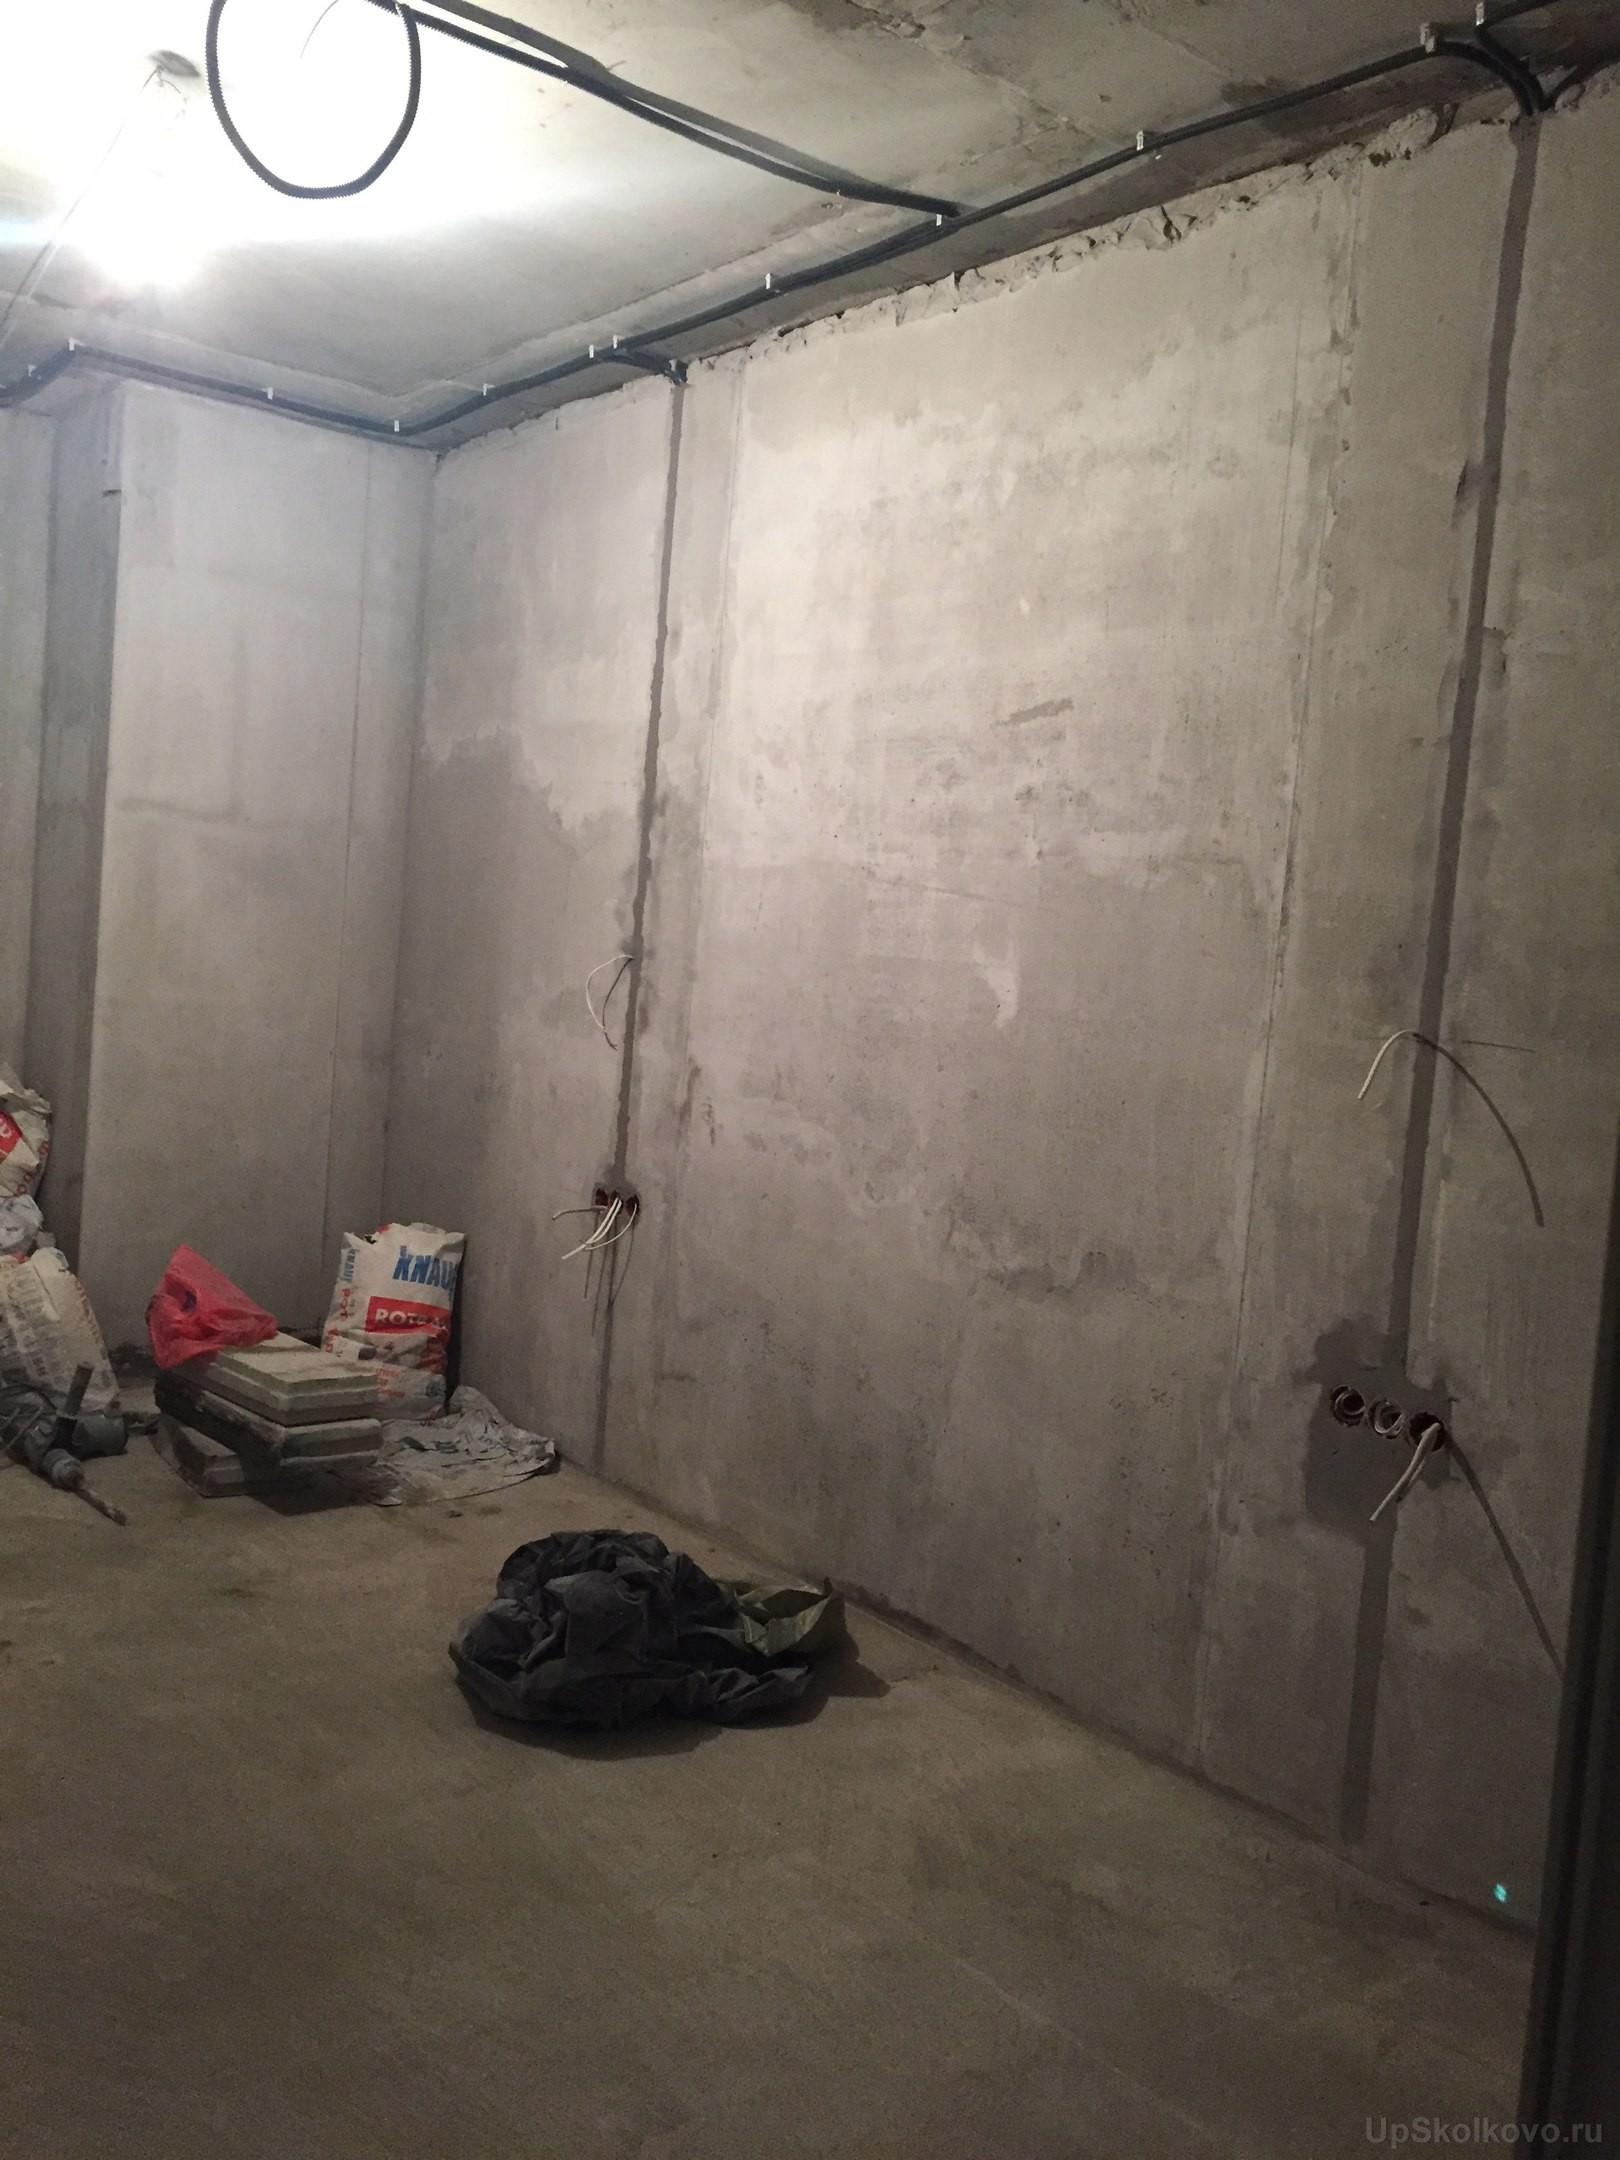 Портфолио ремонта квартир п 44т - Самые интересные